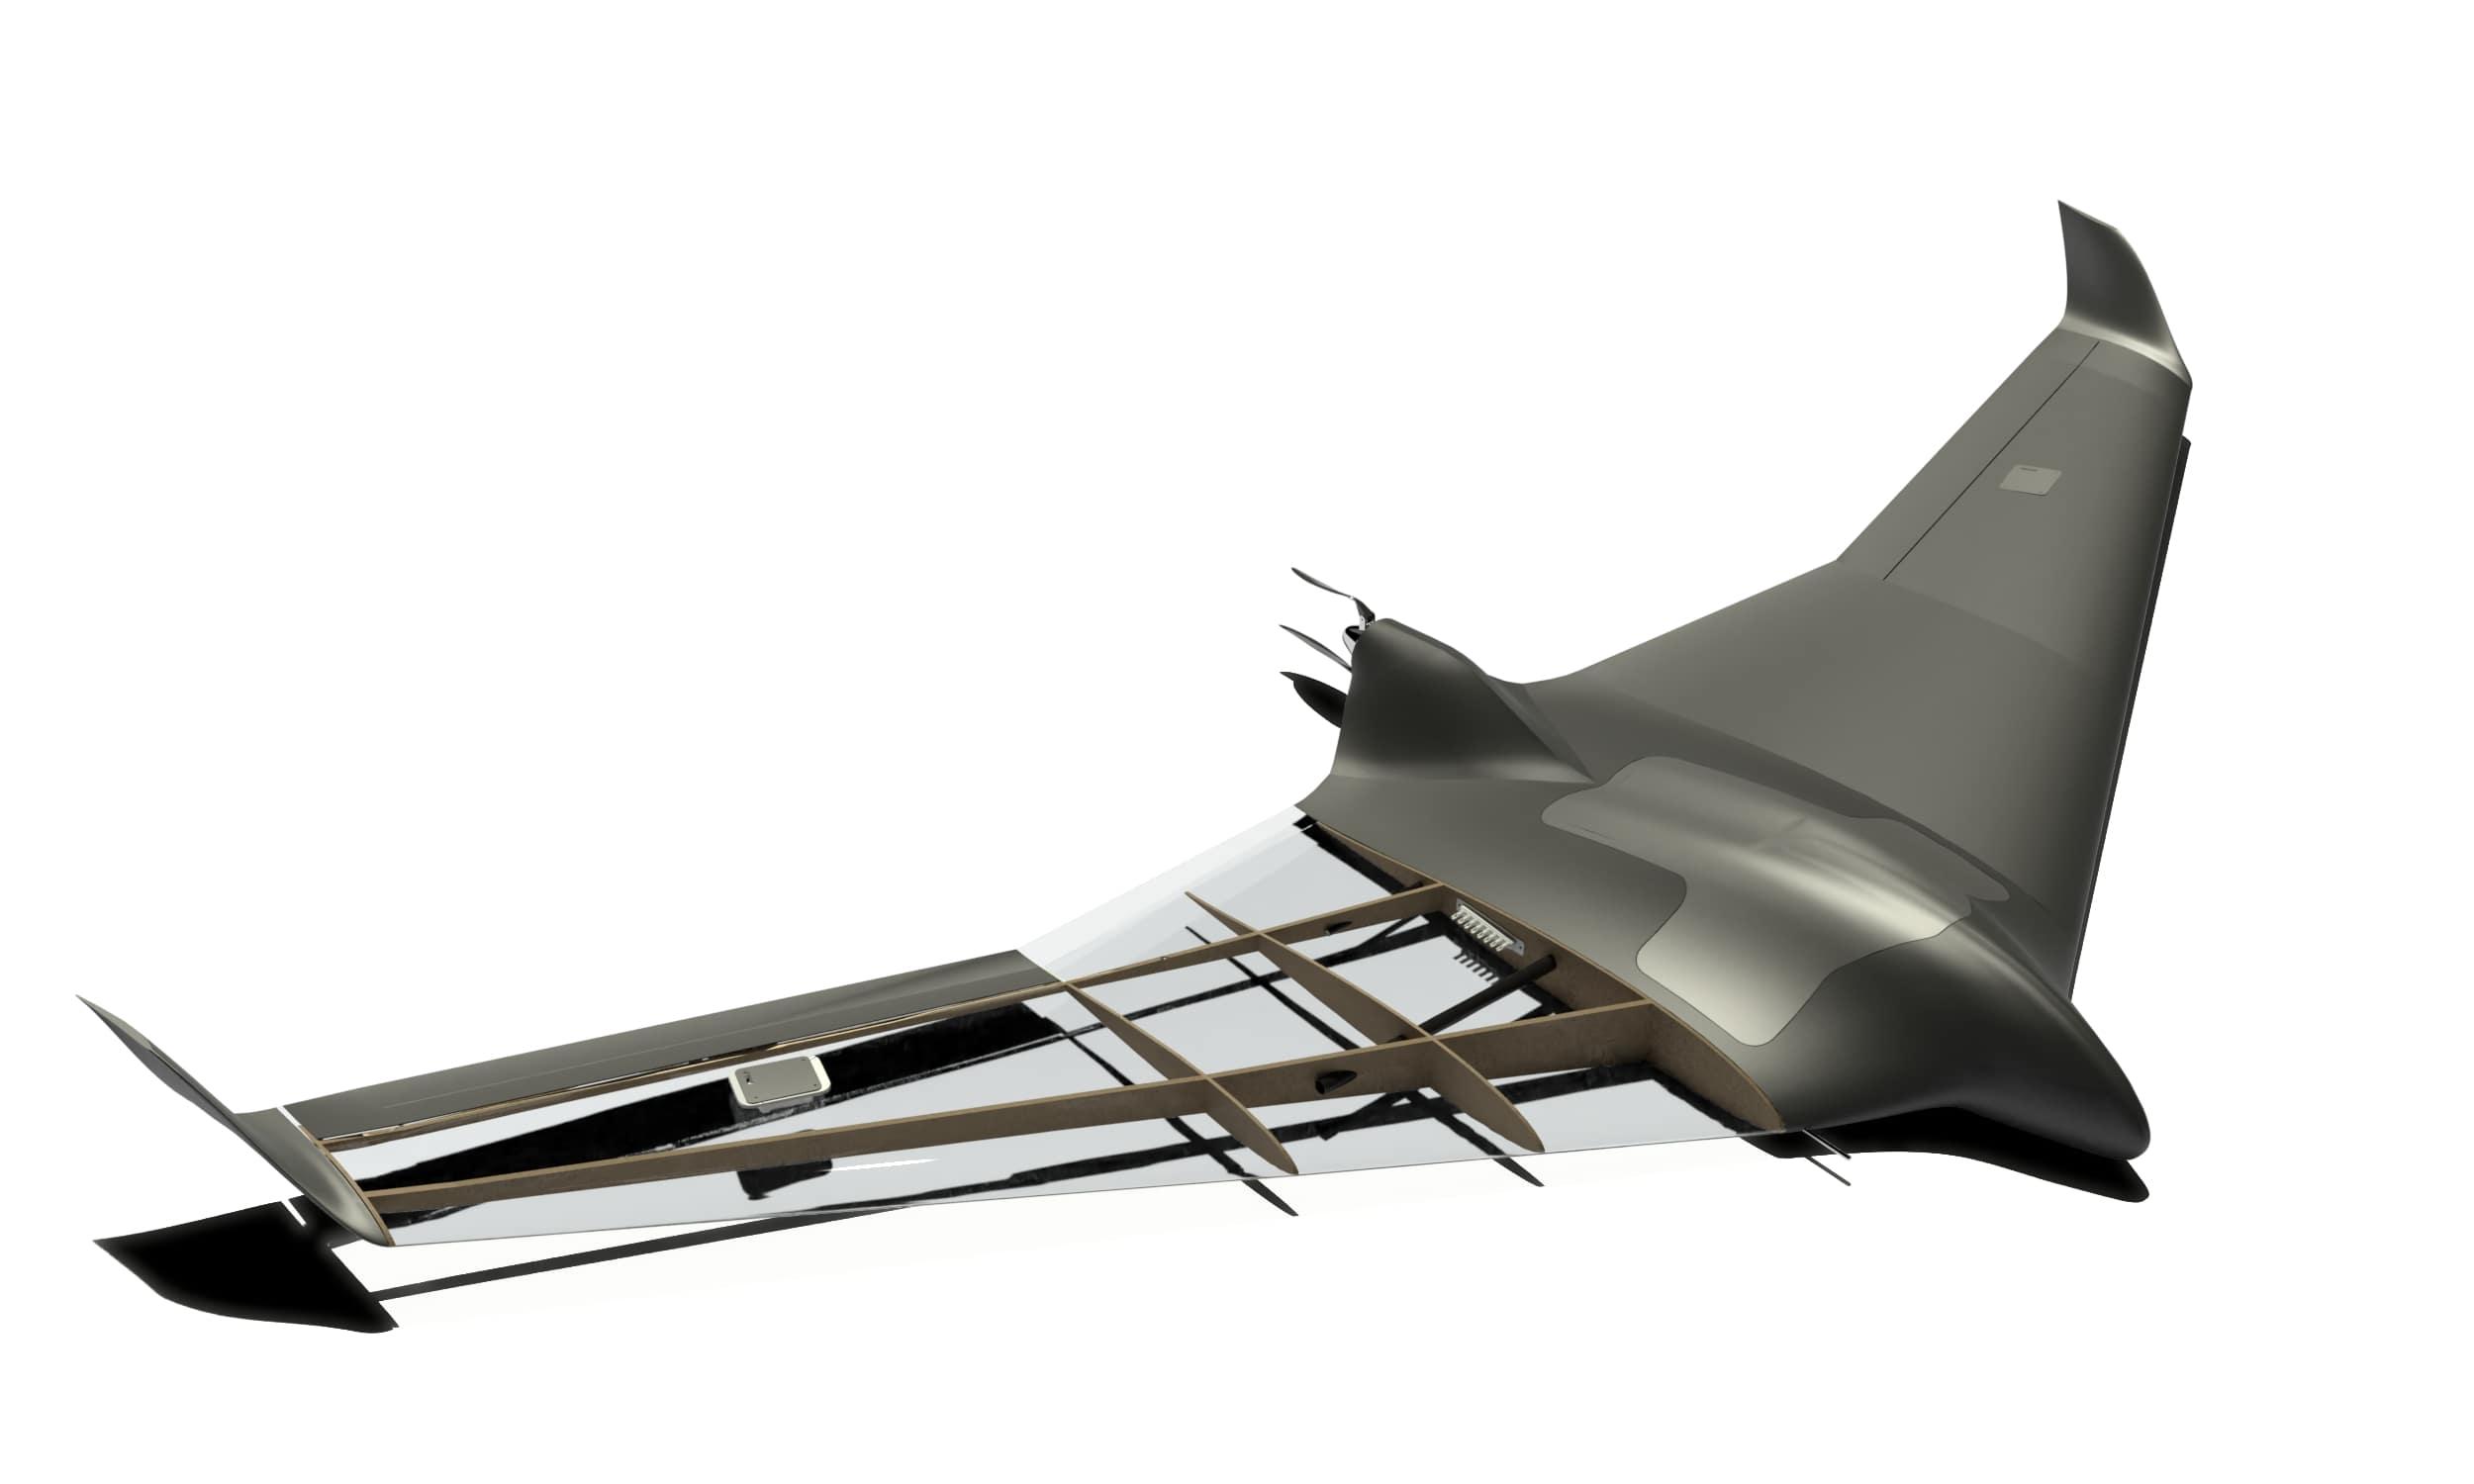 Unmanned Aerial System V 3M